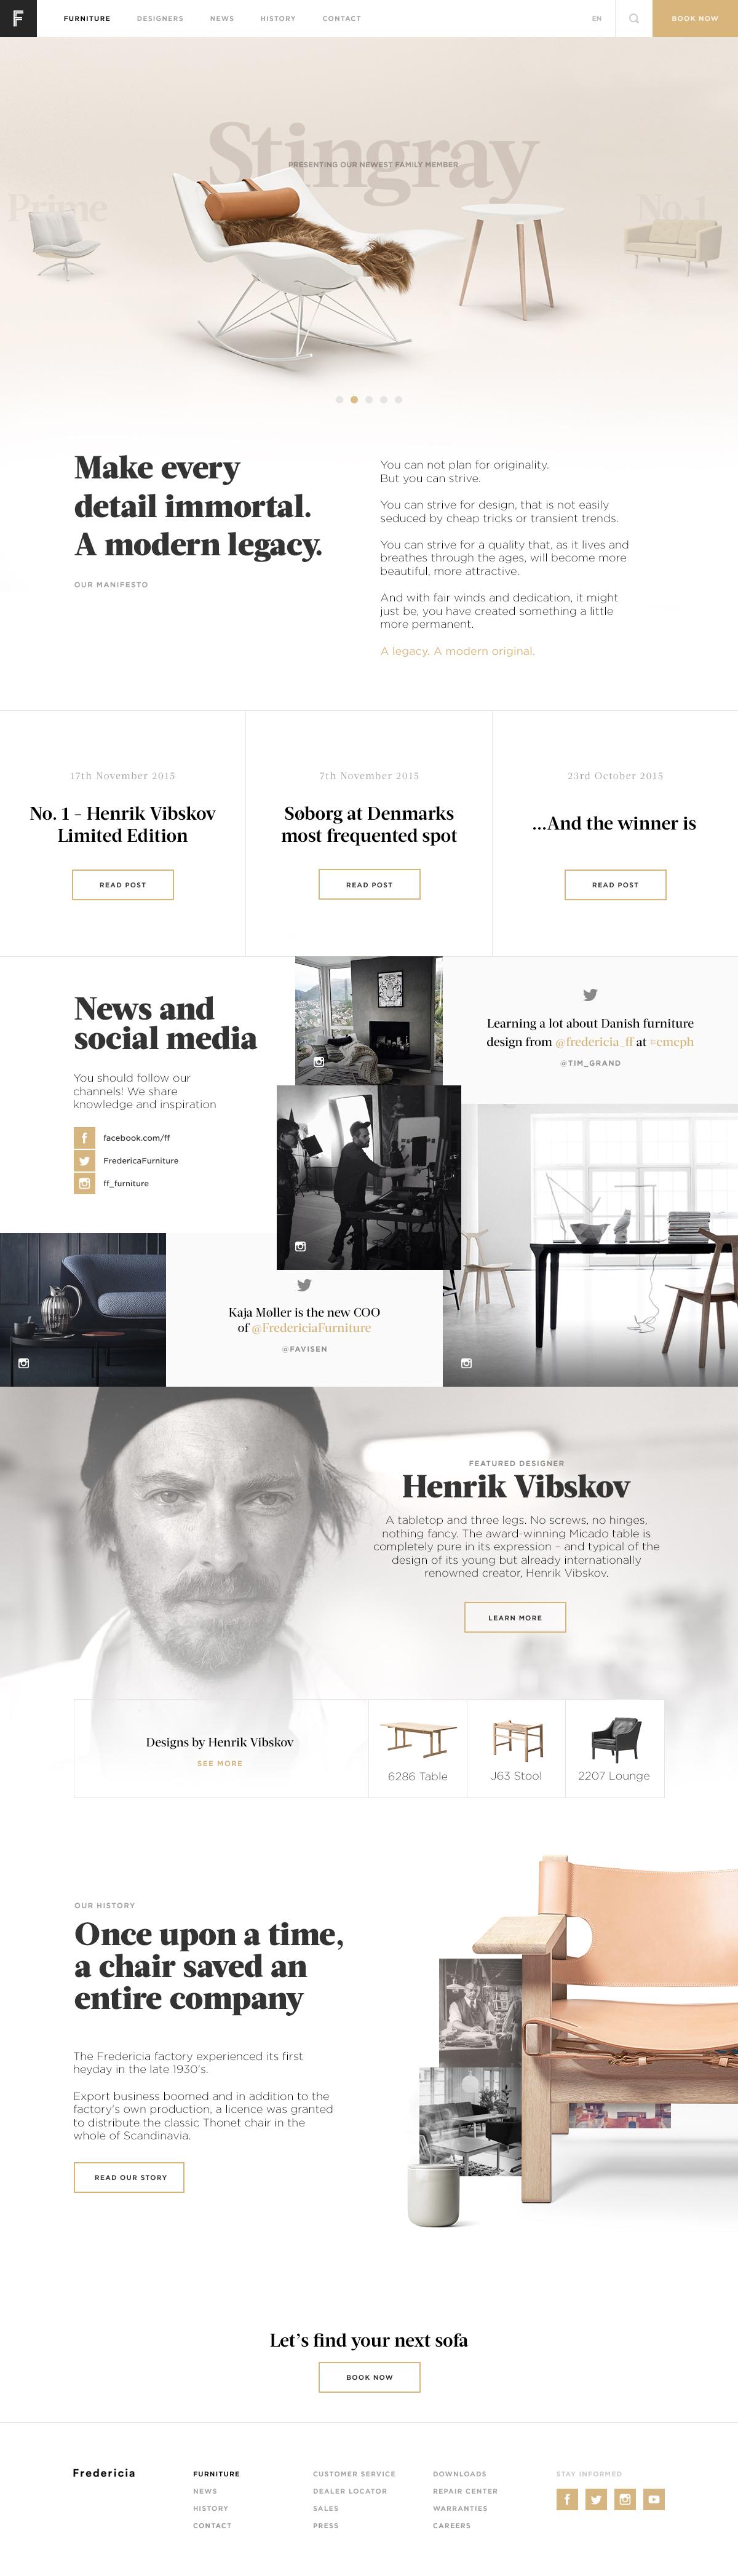 Desktop frontpage